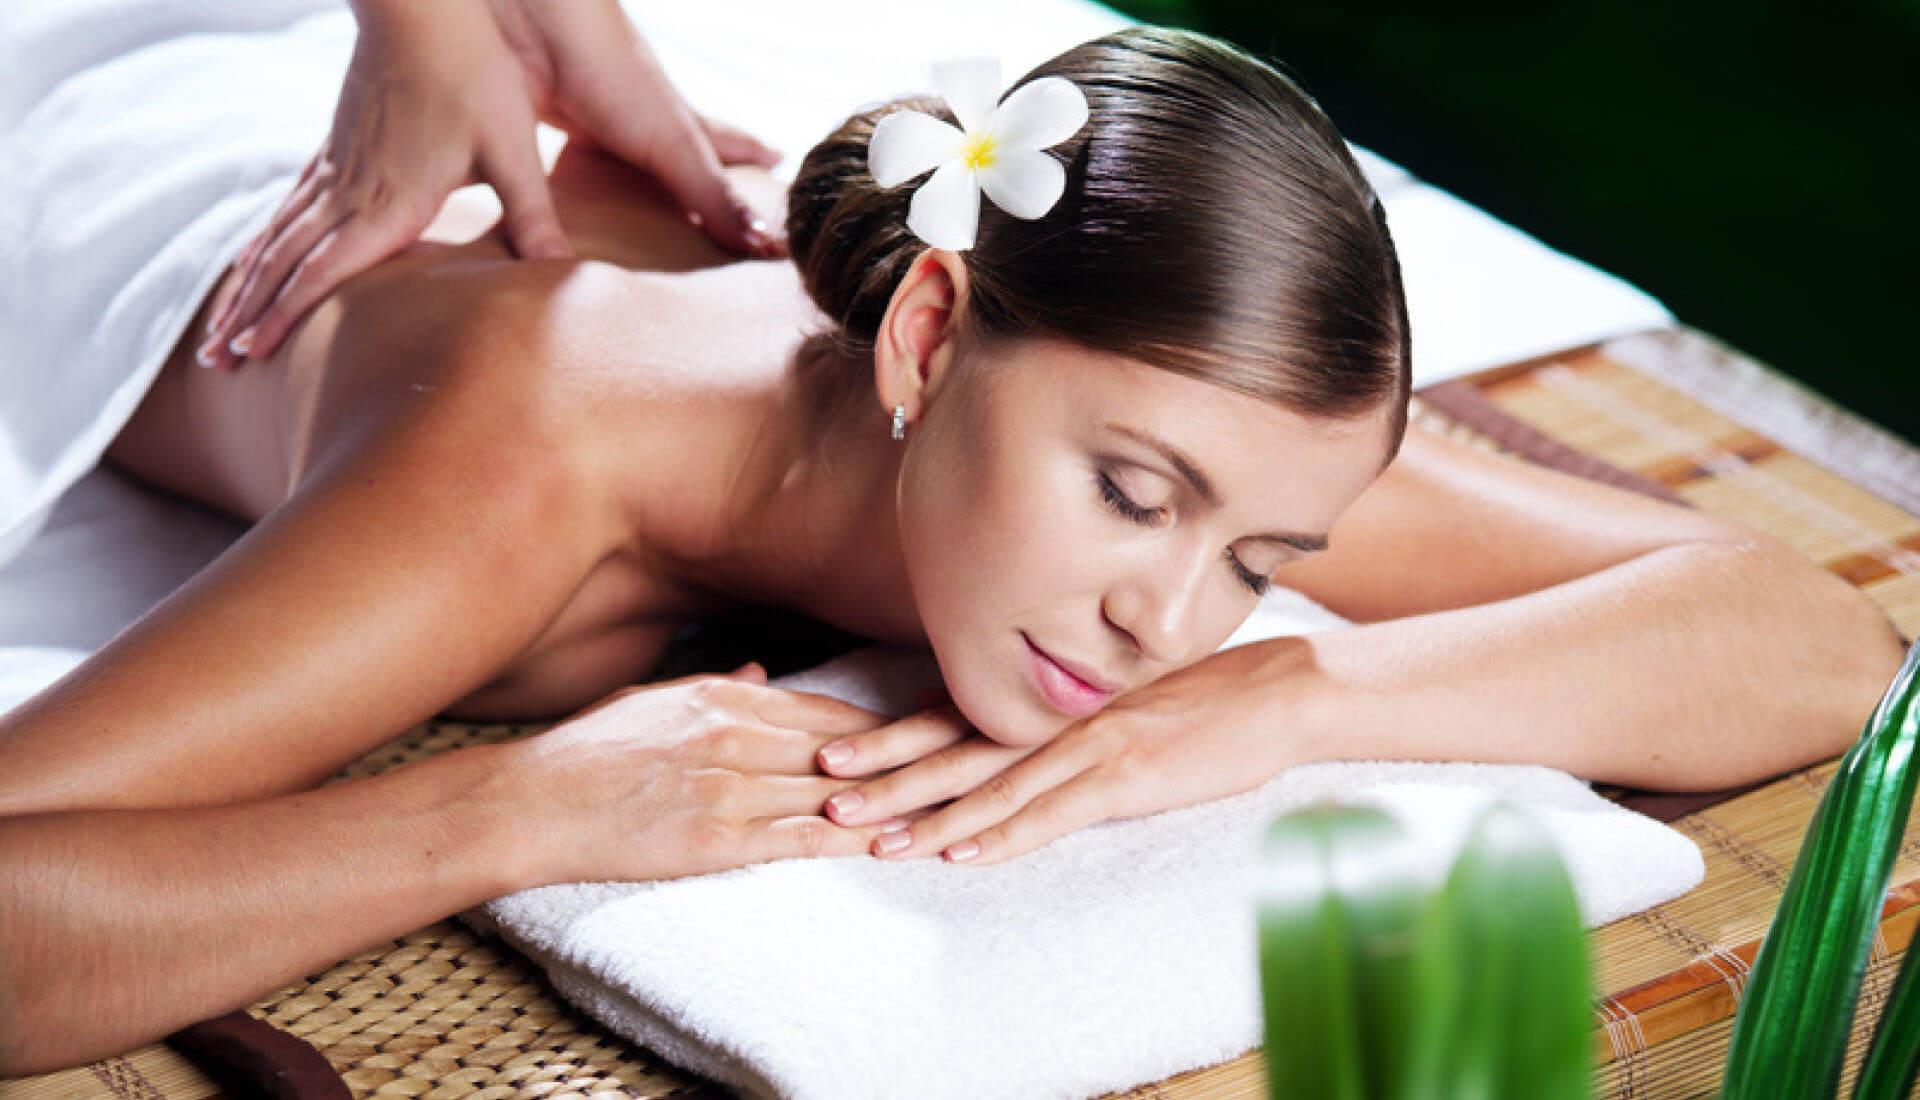 Aromaölmassage für eine schöne Frau, die auf einer Bambusliege und einem weißen Handtuch liegt